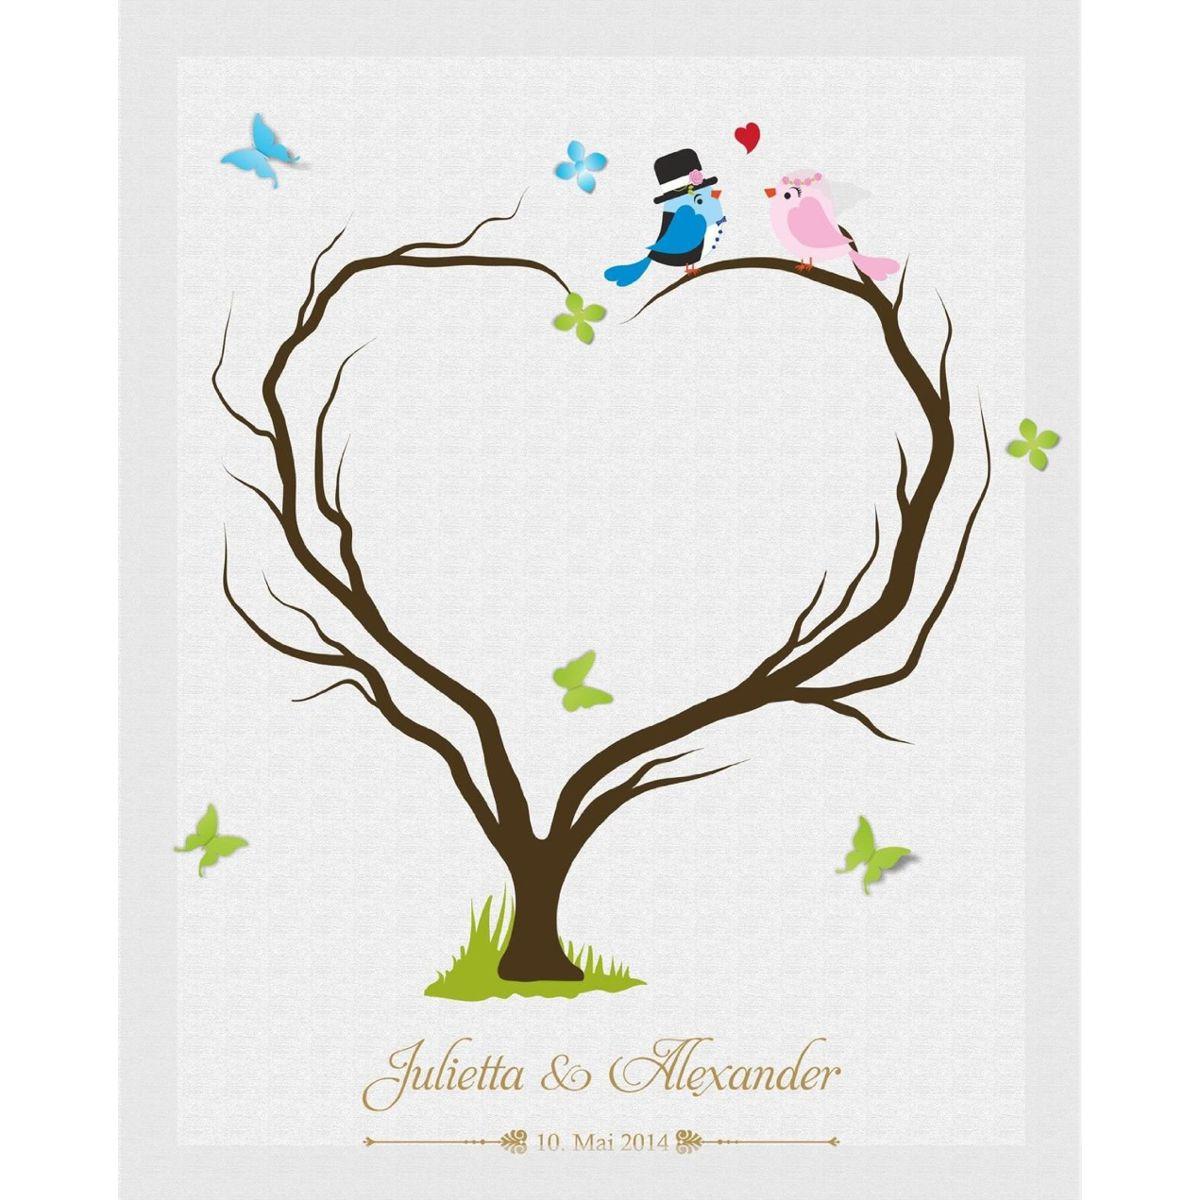 Außergewöhnlich Bild Fingerabdruck Ideen Von Hochzeitsleinwand Leinwand Fingerabdruckbaum Wedding Tree Gästebuch Herzbaum